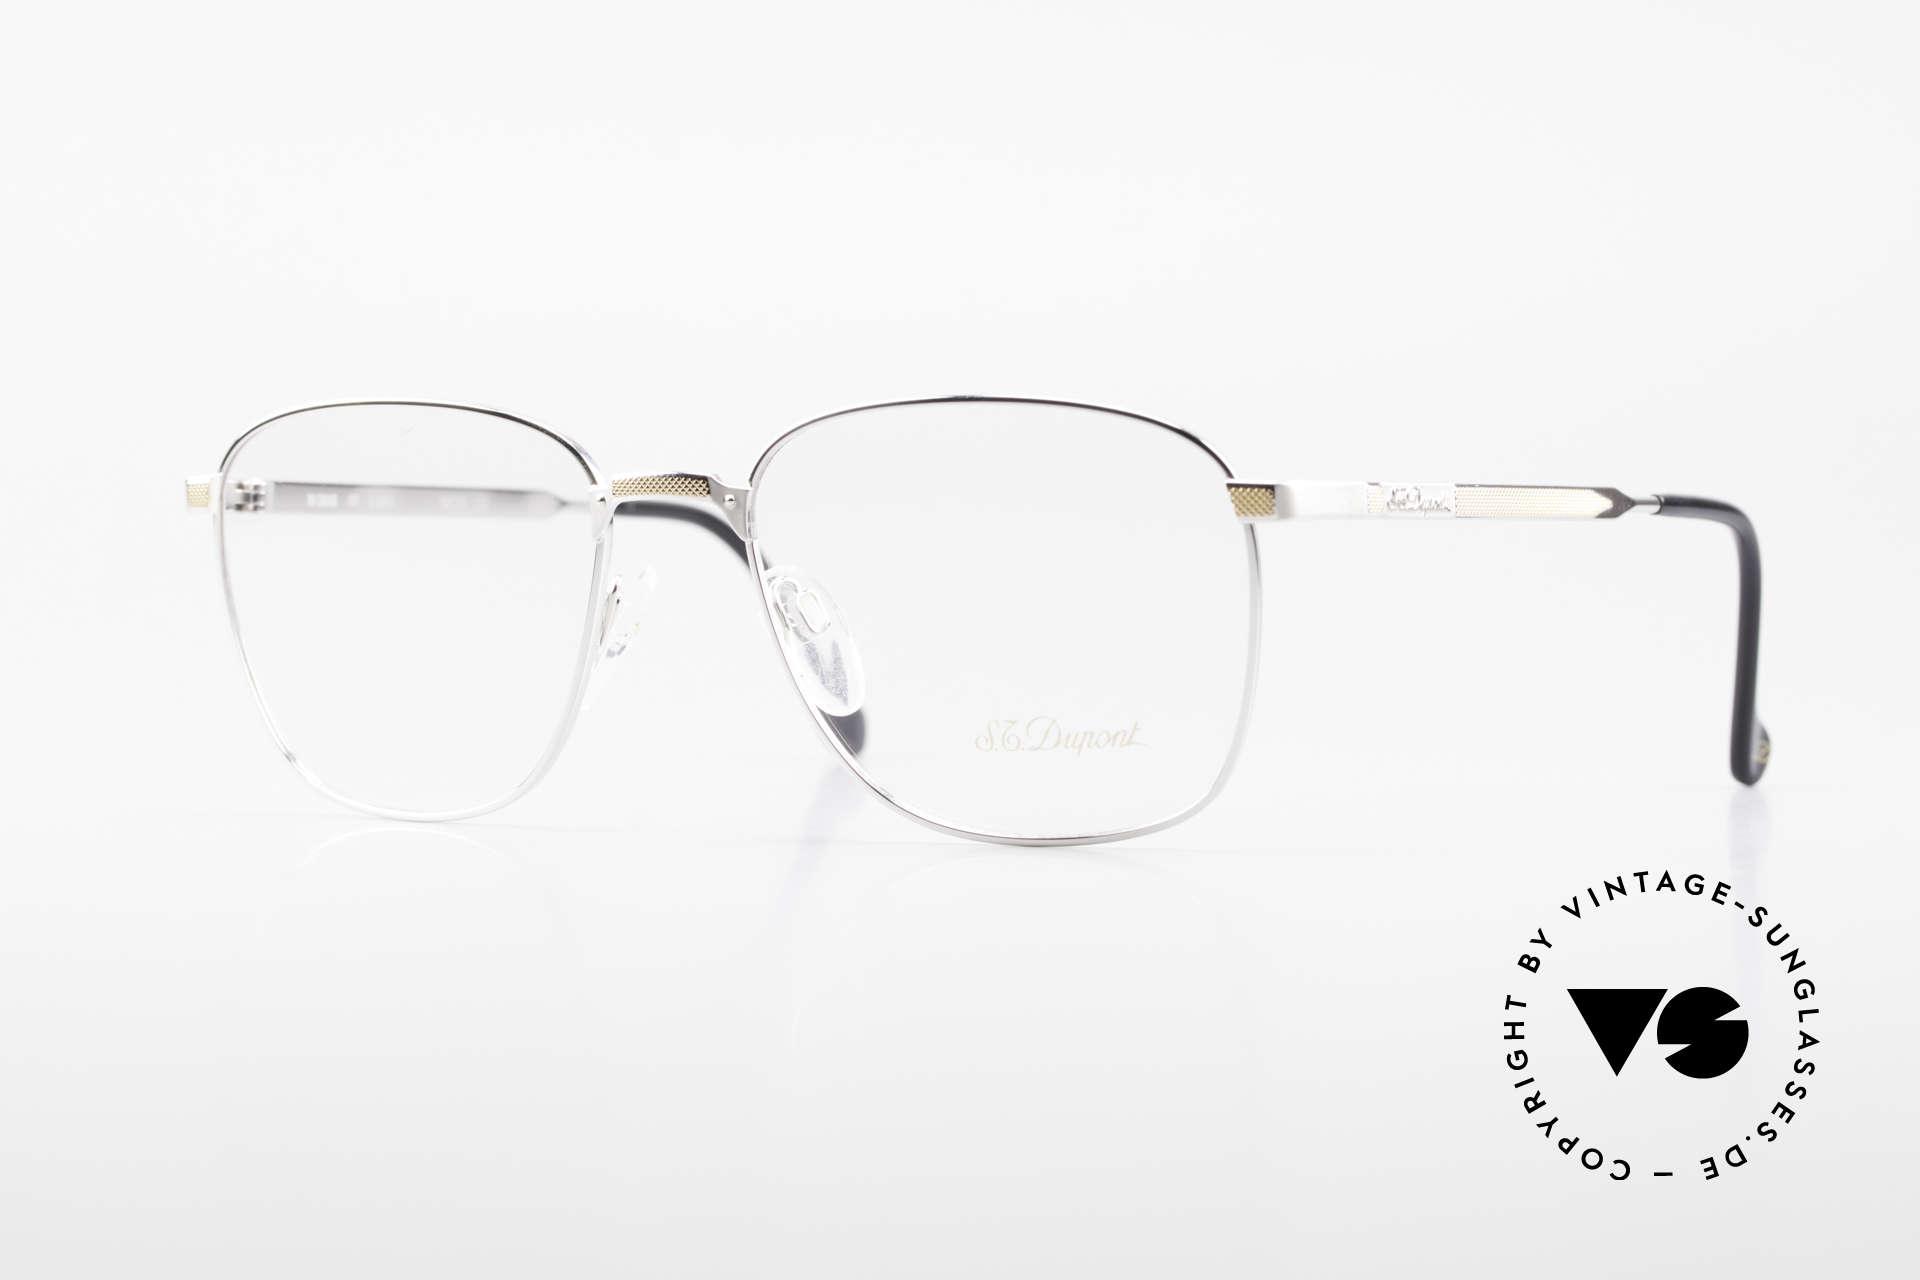 S.T. Dupont D048 90er Luxus Brillenfassung 23kt, klassische S.T. Dupont Herren Luxus-Brillenfassung, Passend für Herren